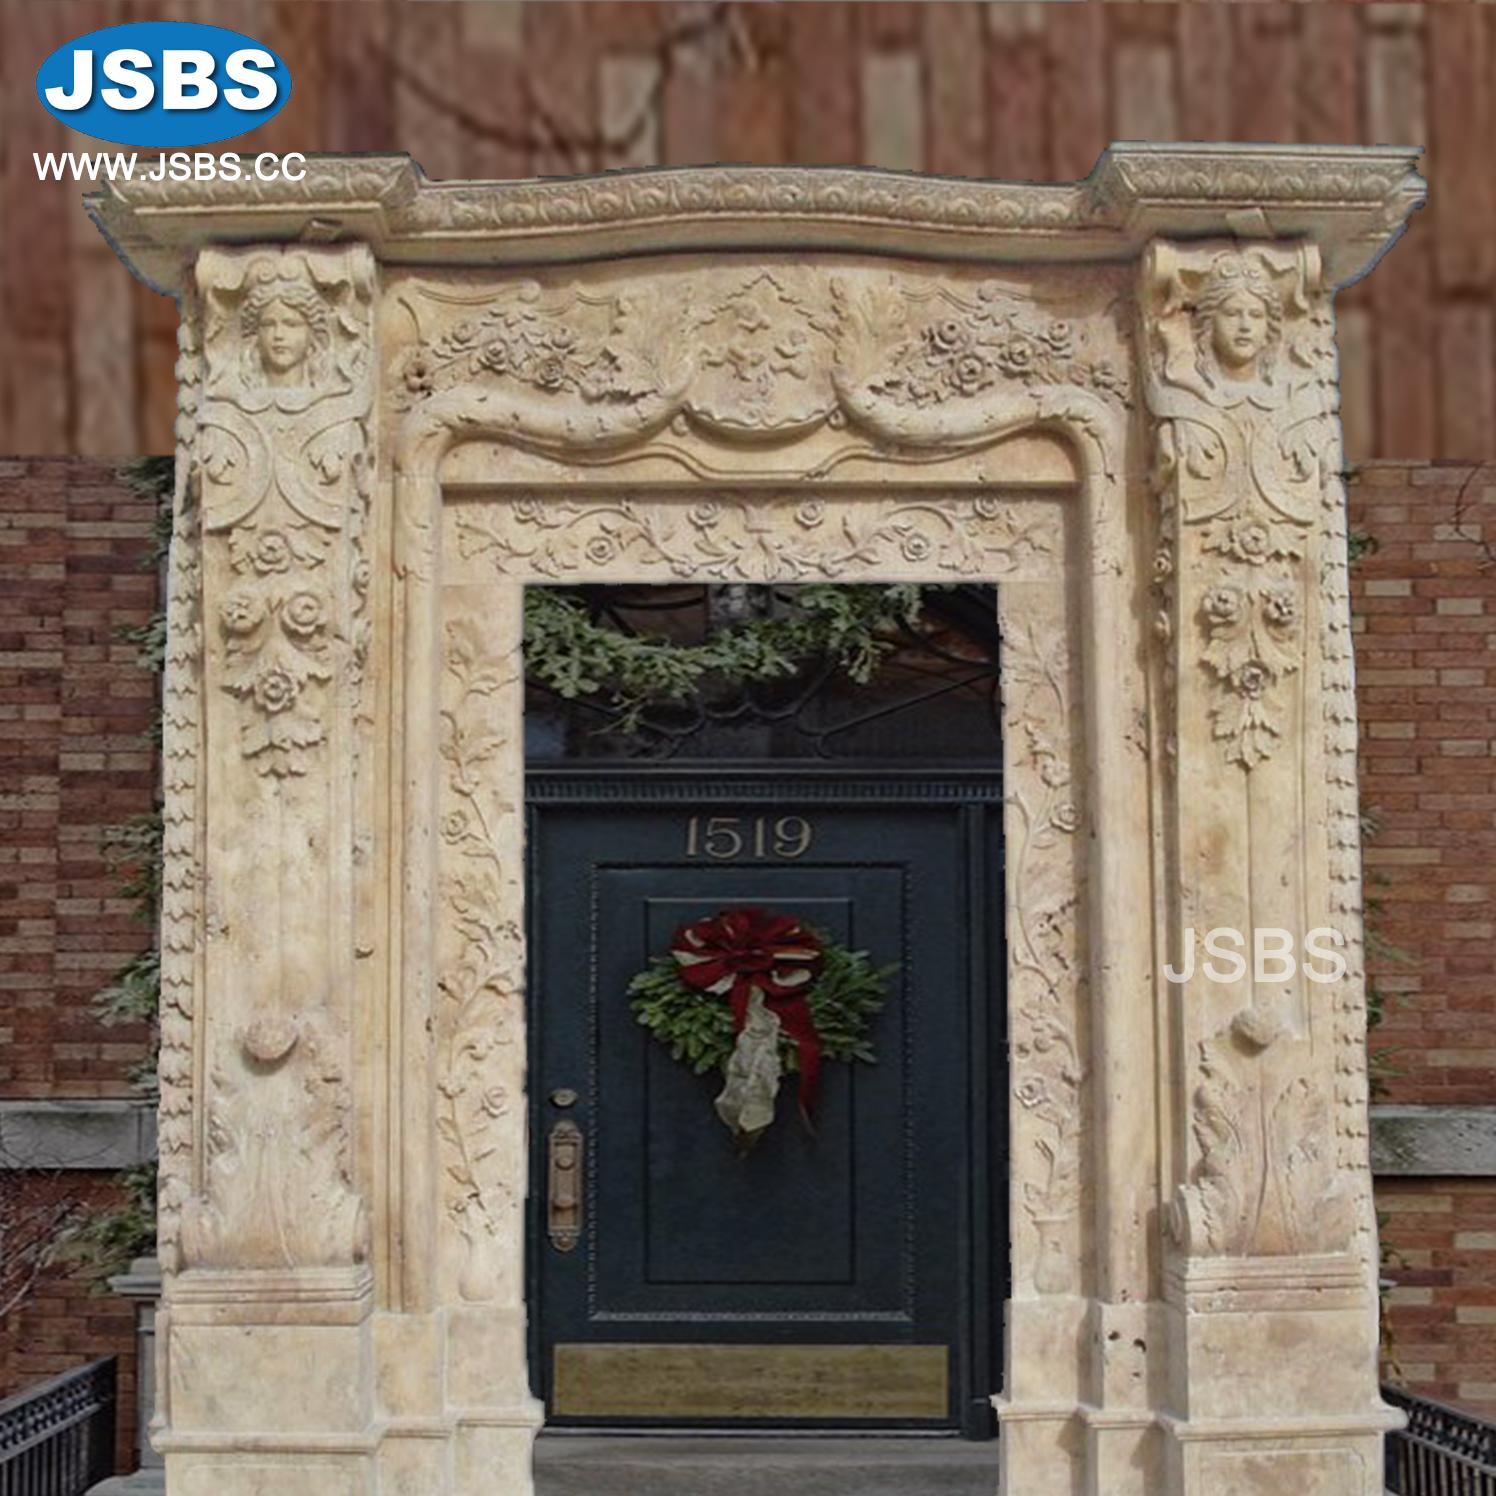 Soglia Marmo Porta Ingresso ingresso decorativi pietra gialla soglia della porta esterna - buy soglia  della porta esterna,esternoin pietra soglia della porta,pietra gialla  soglia